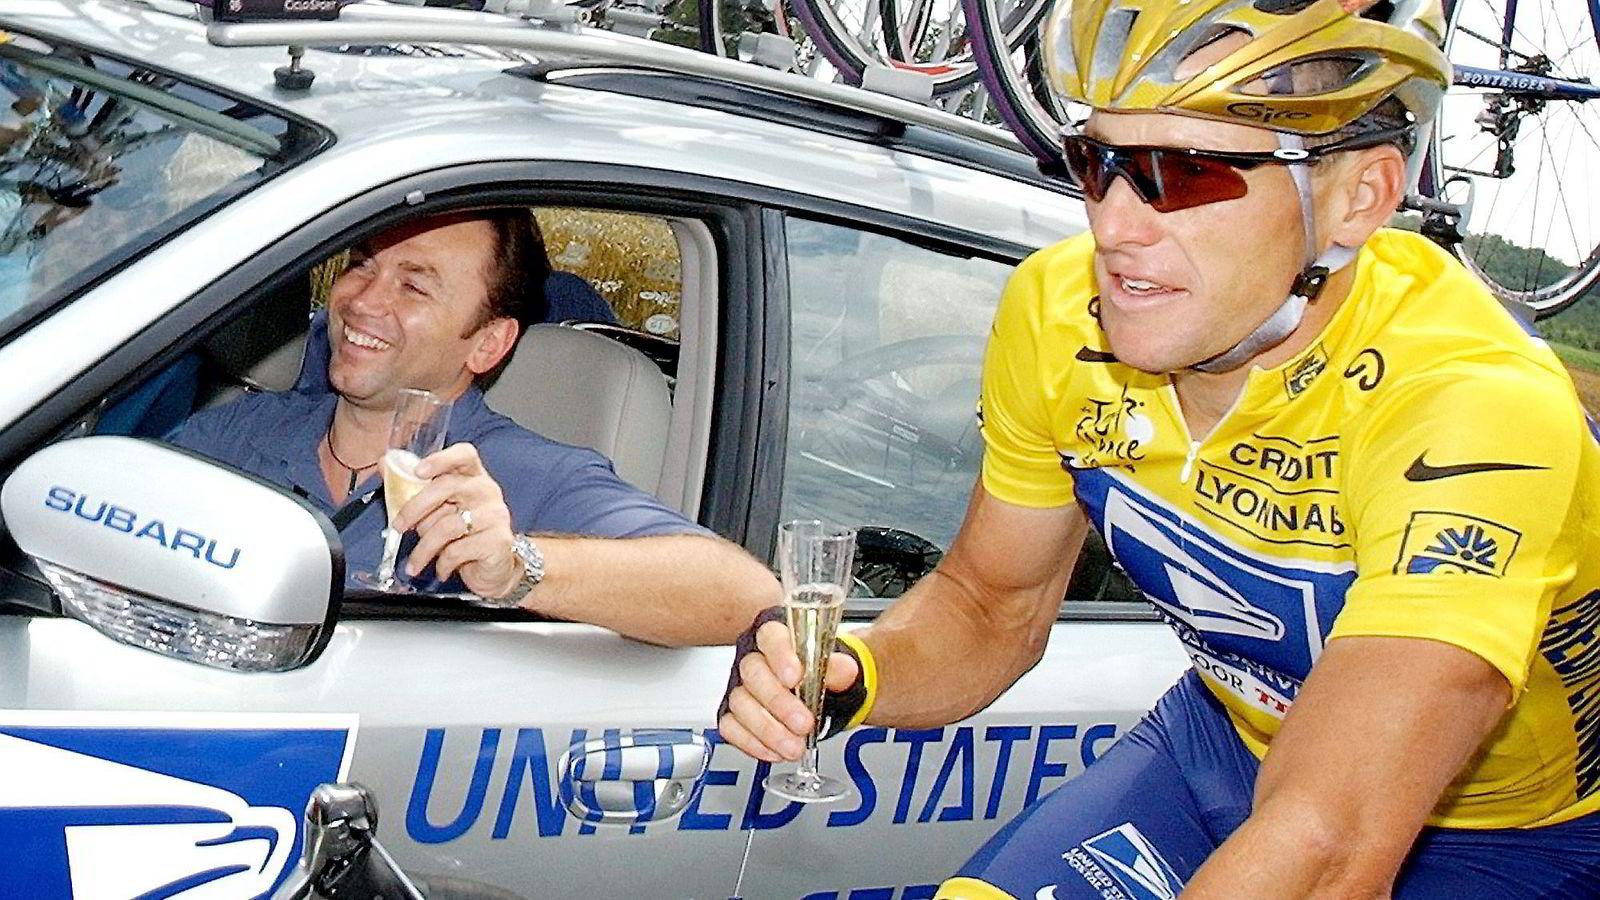 Lance Armstrongs doping ble blant annet bevist ved at overføringer på til sammen en million dollar til dopinglegen Michele Ferrari ble avslørt. Her har Armstrong selskap av sin sportsdirektør Johan Bruyneel mens han er på vei til sin sjette sammenlagtseier i Tour de France i 2004.               Foto: Peter Dejong/AP/NTB Scanpix